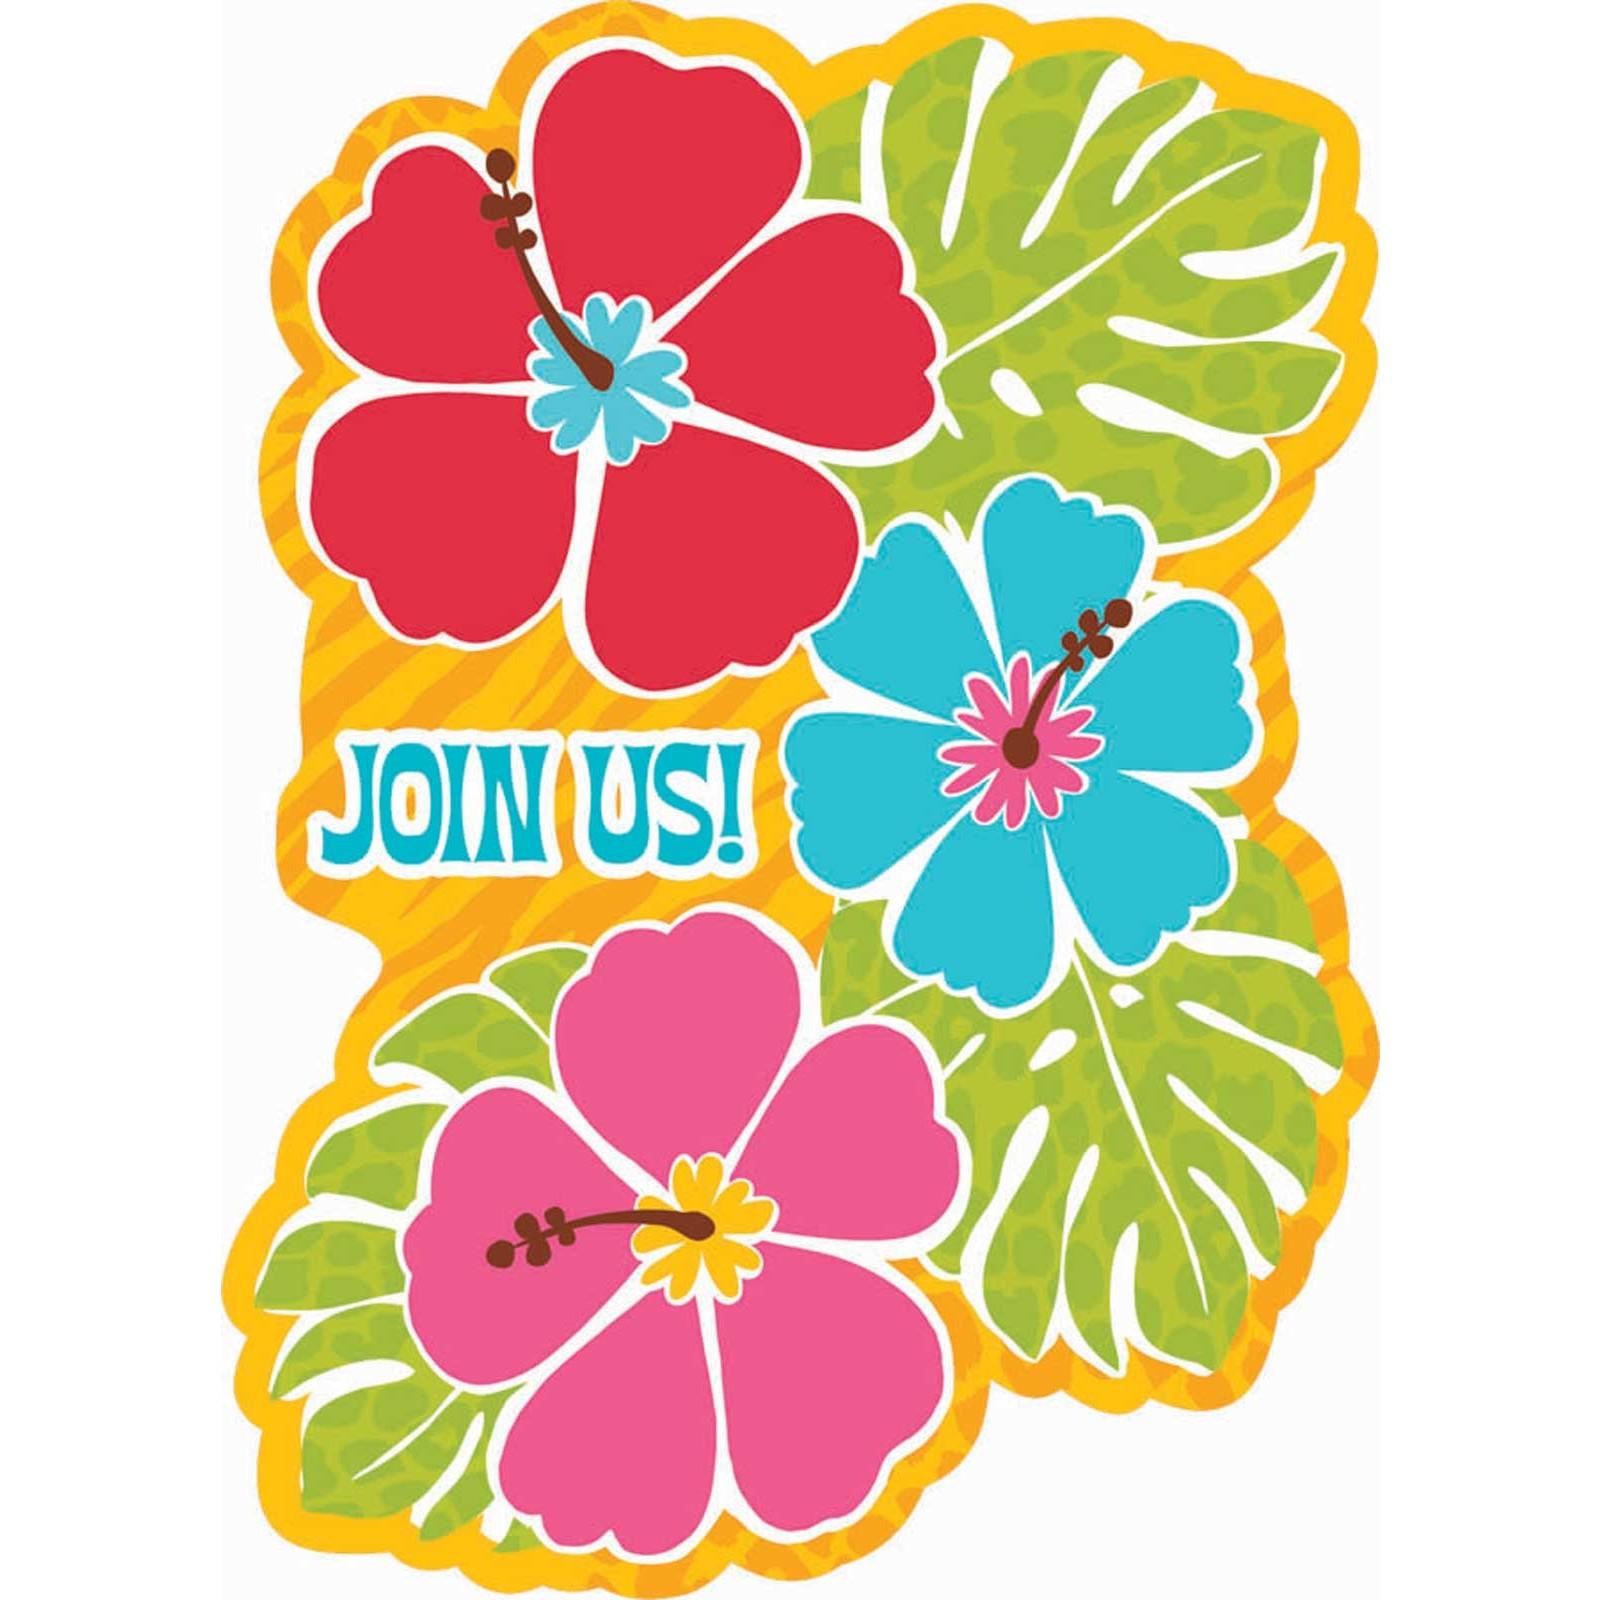 Hawaiian Flower Border Free Download Best Hawaiian Flower Border